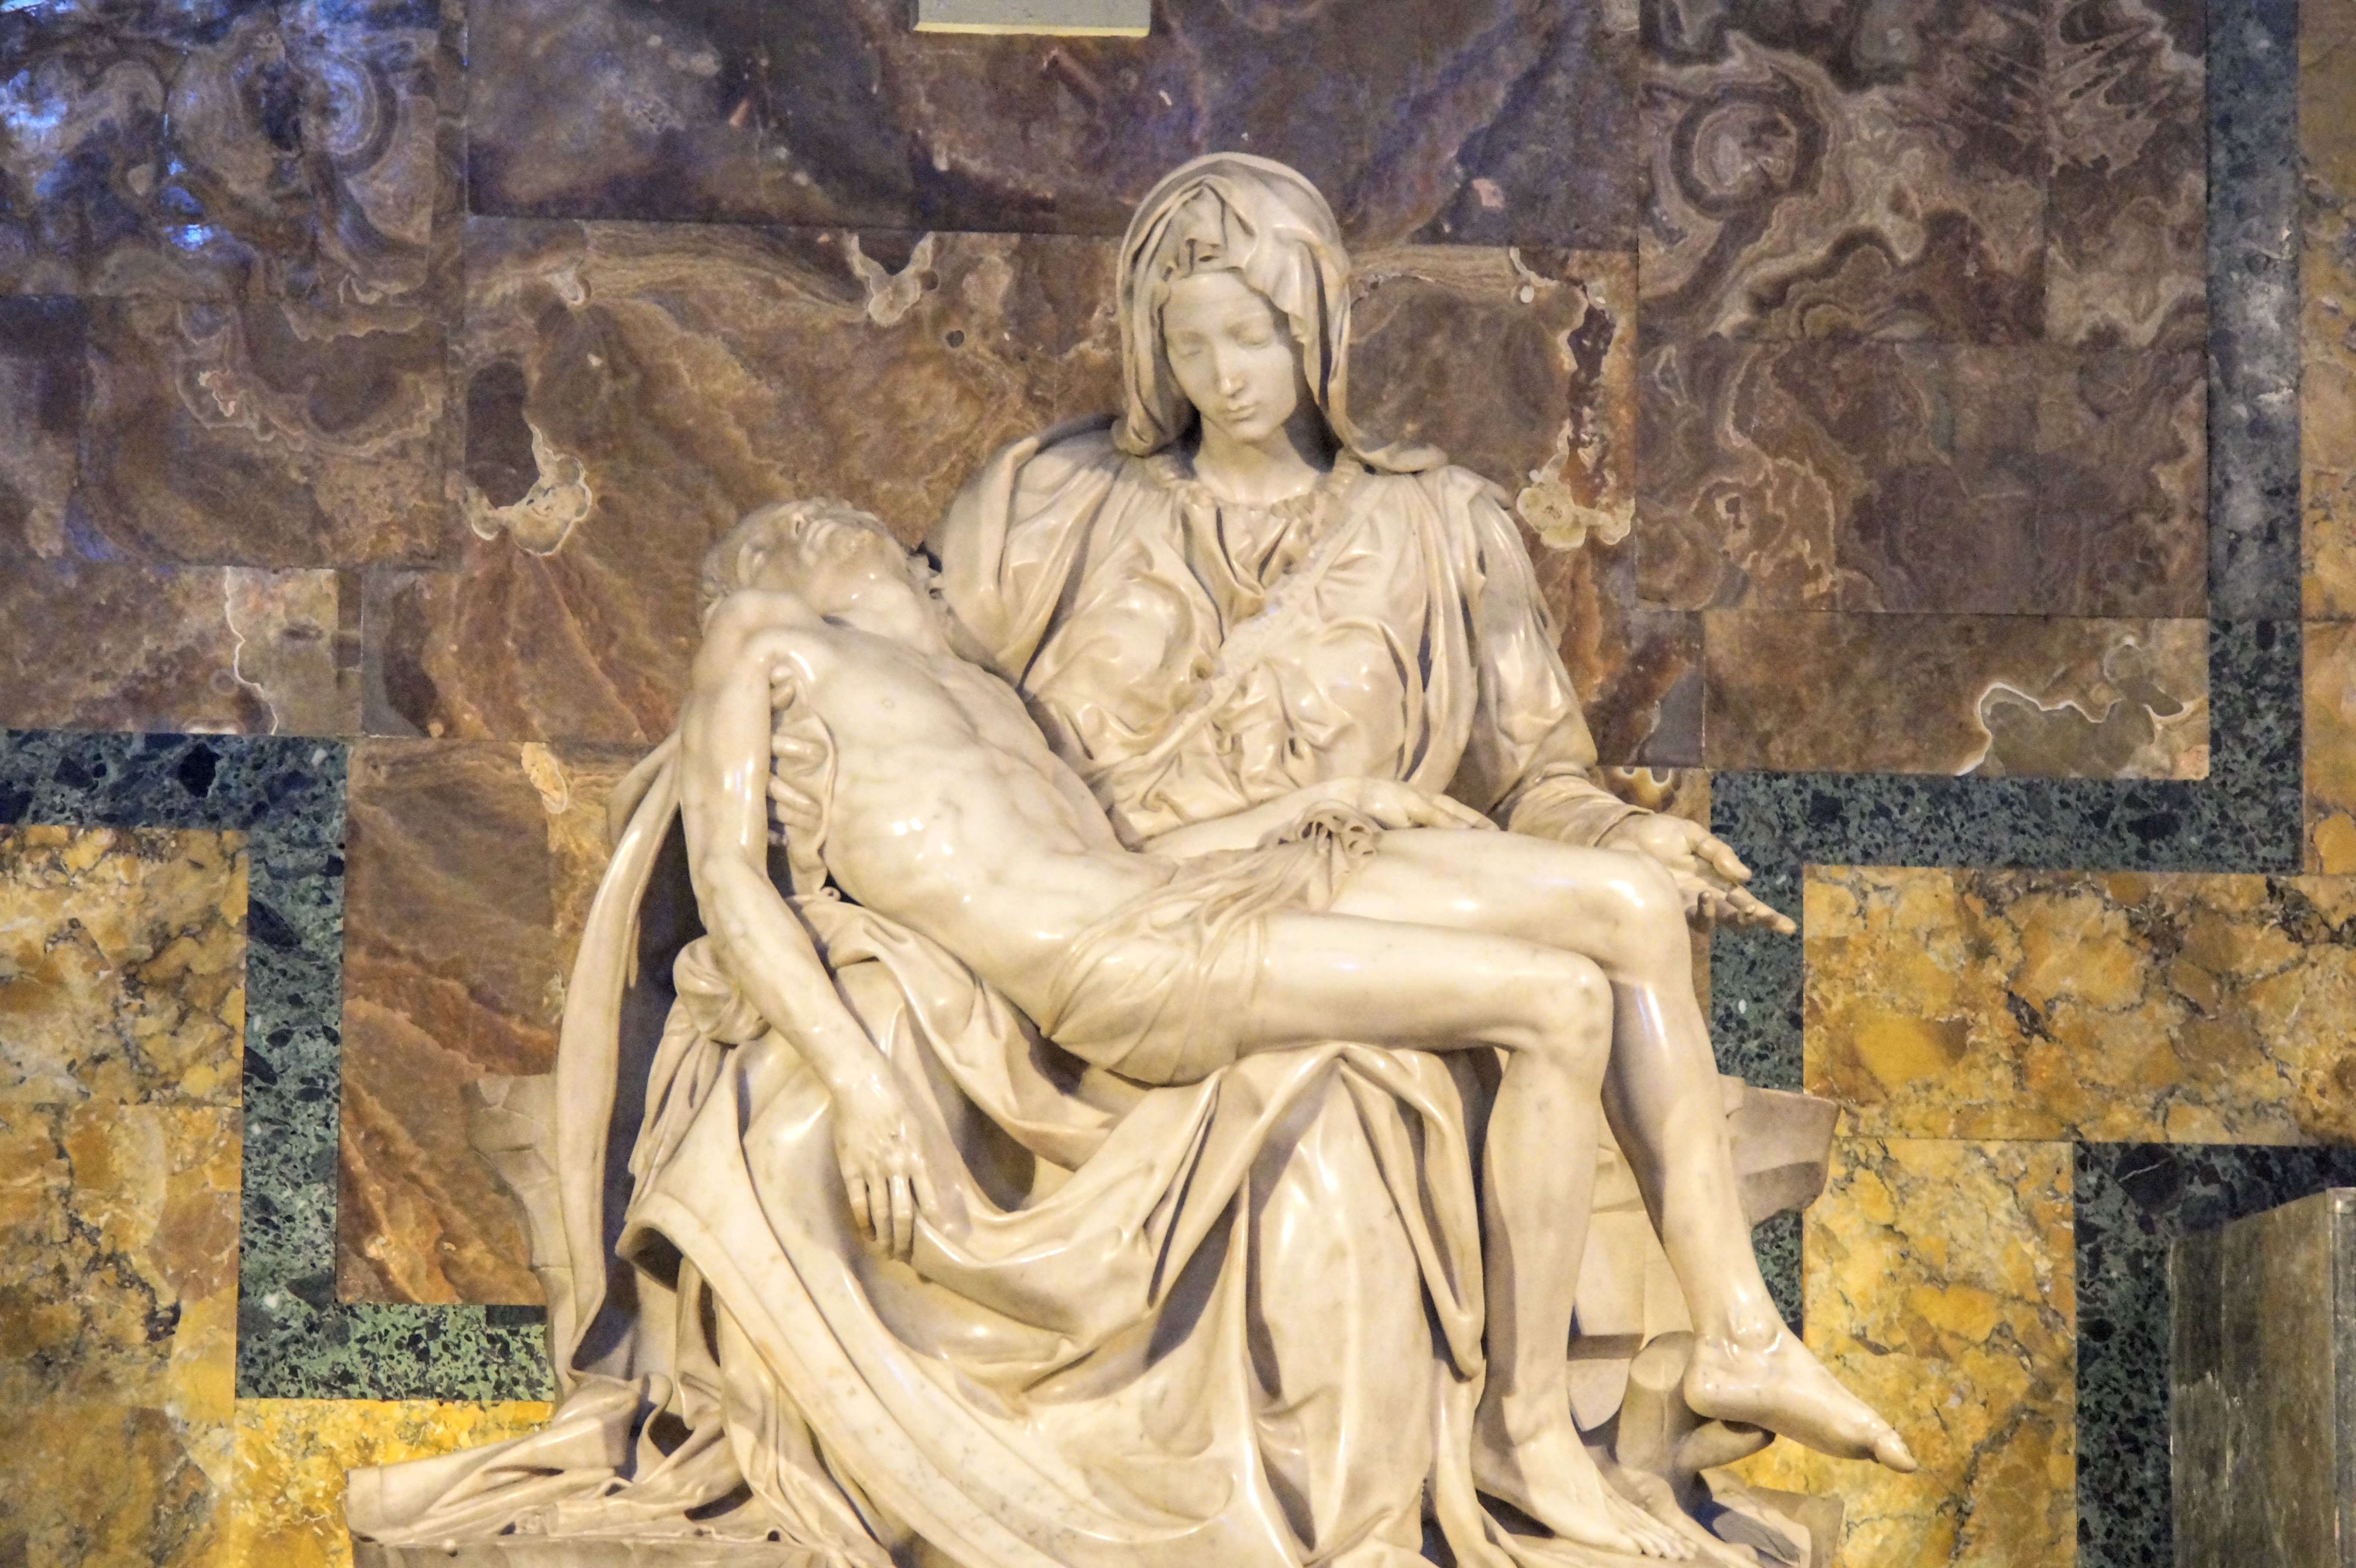 """Η διάσημη Pietà (""""Αποκαθήλωση"""") του Μιχαήλ Άγγελου (Φωτογραφία Νίκος Πράσσος)"""